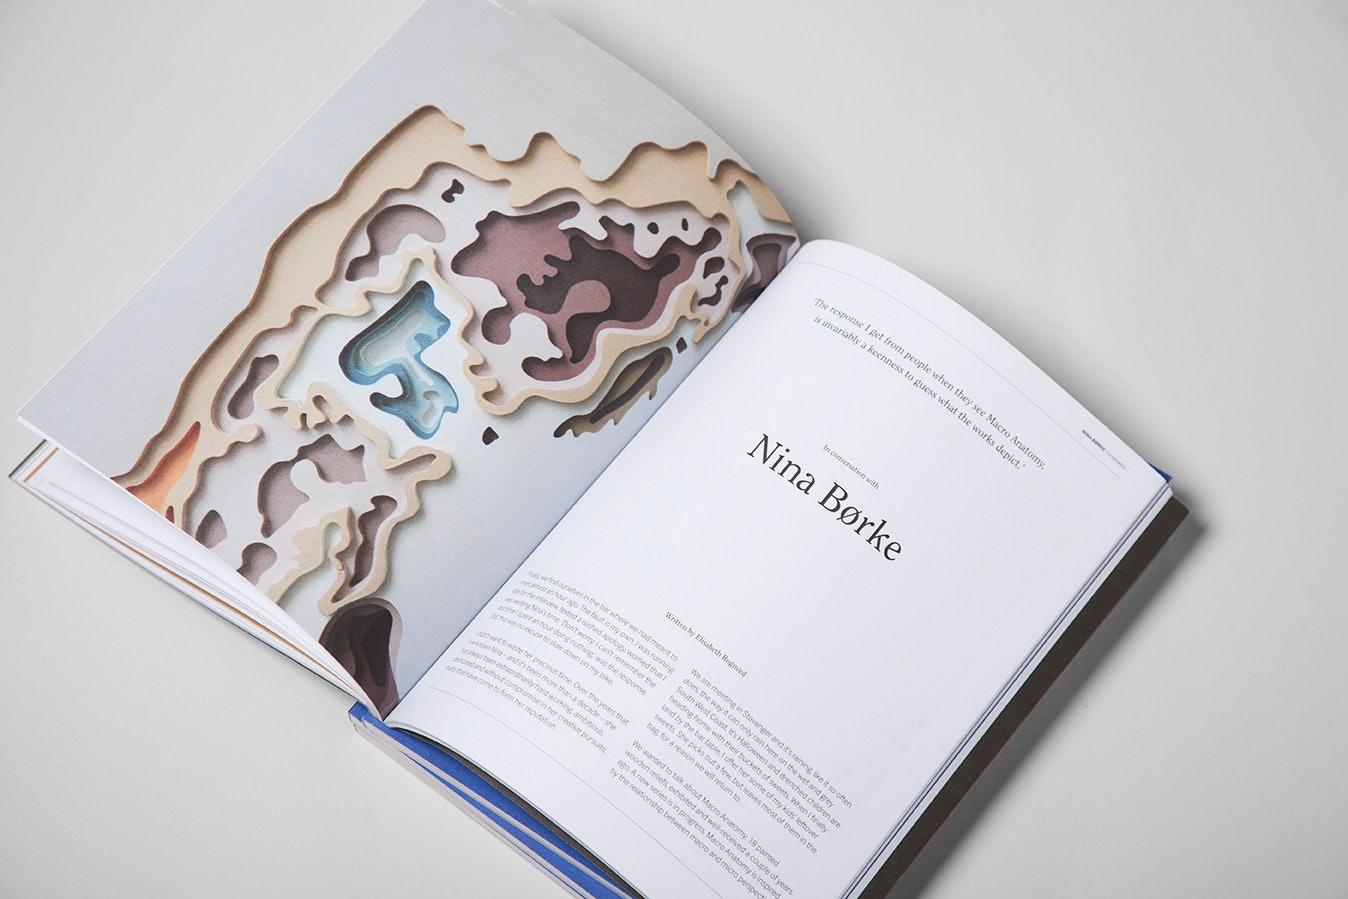 autodidact-magazine-nina-borke